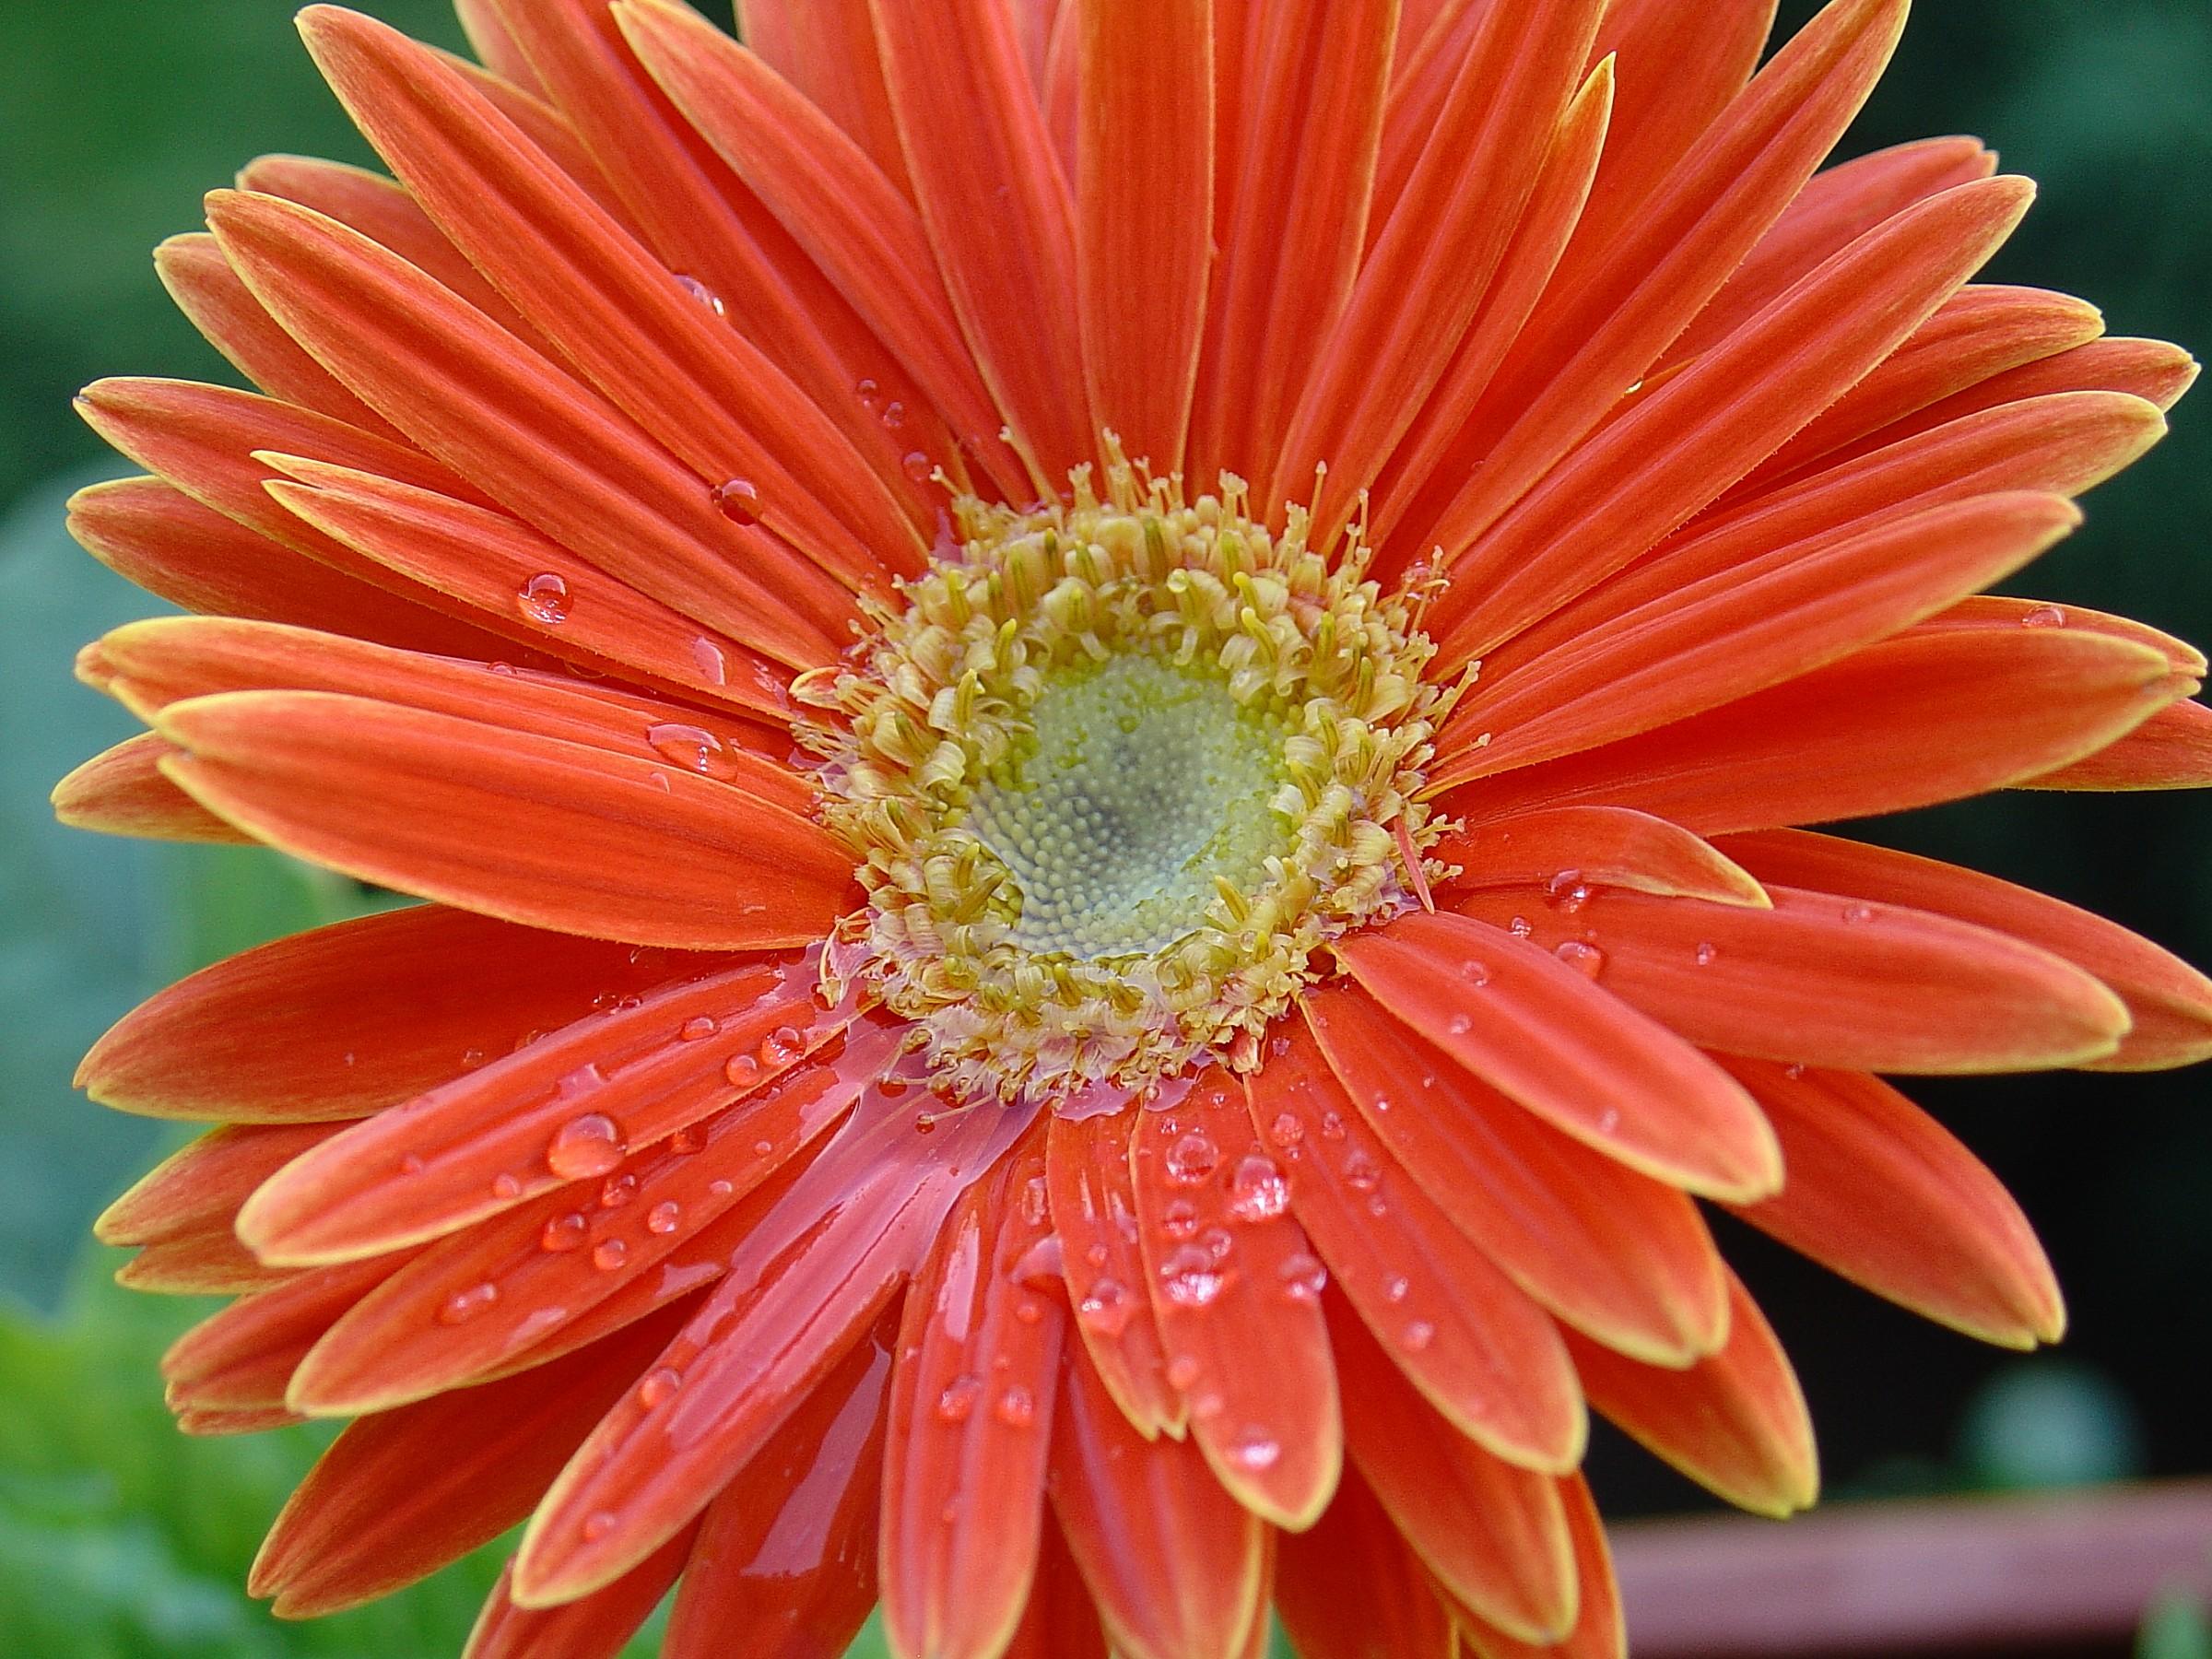 Gerbera arancione dopo la pioggia...